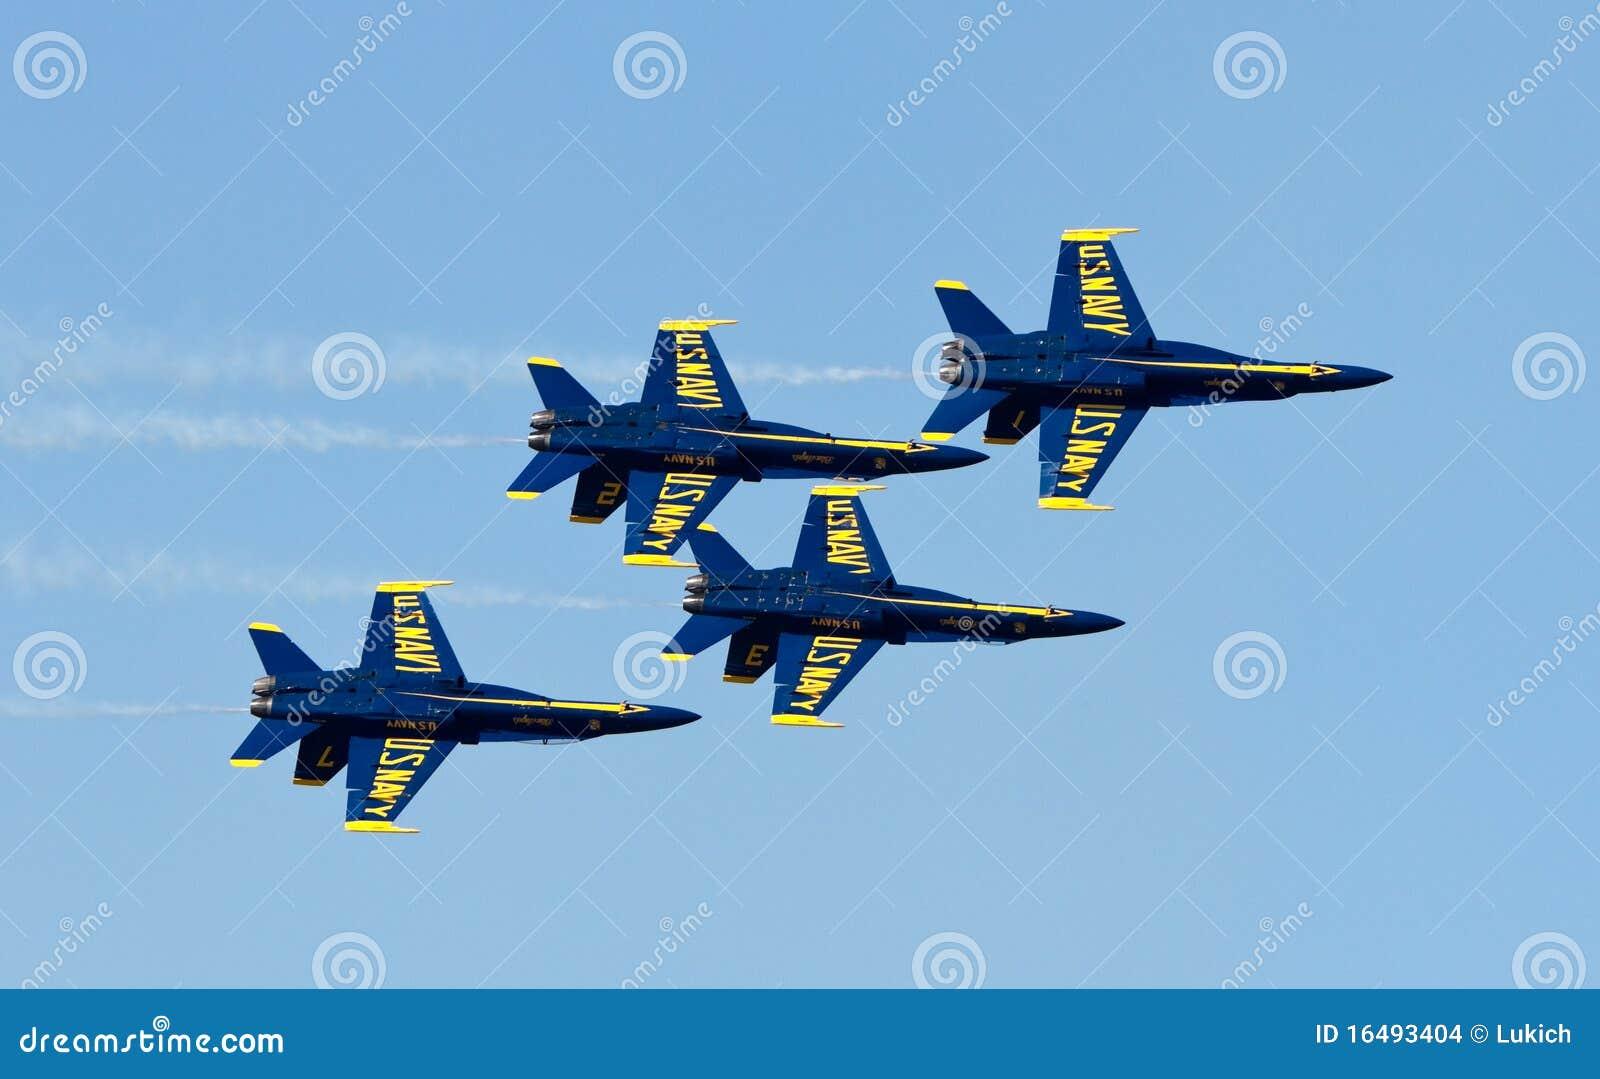 авиаотряд военно-морского флота демонстрации ангелов голубой мы